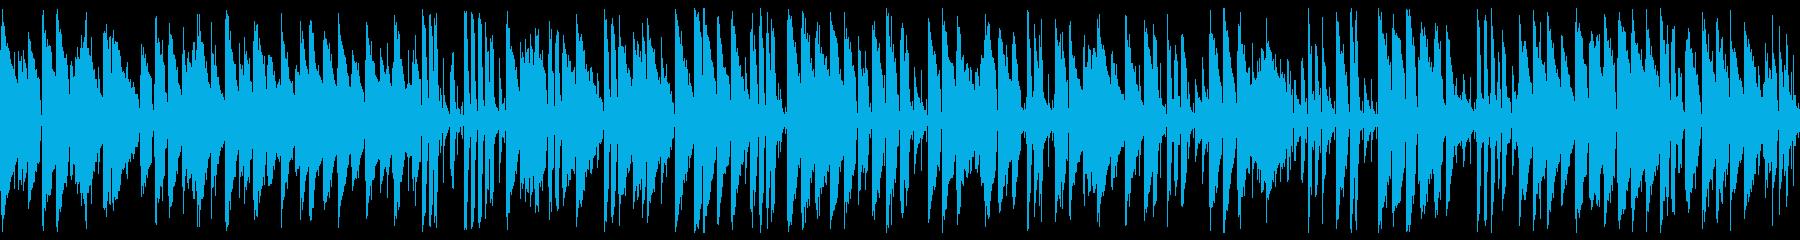 優雅で明るいお洒落 ジャズピアノ(ループの再生済みの波形